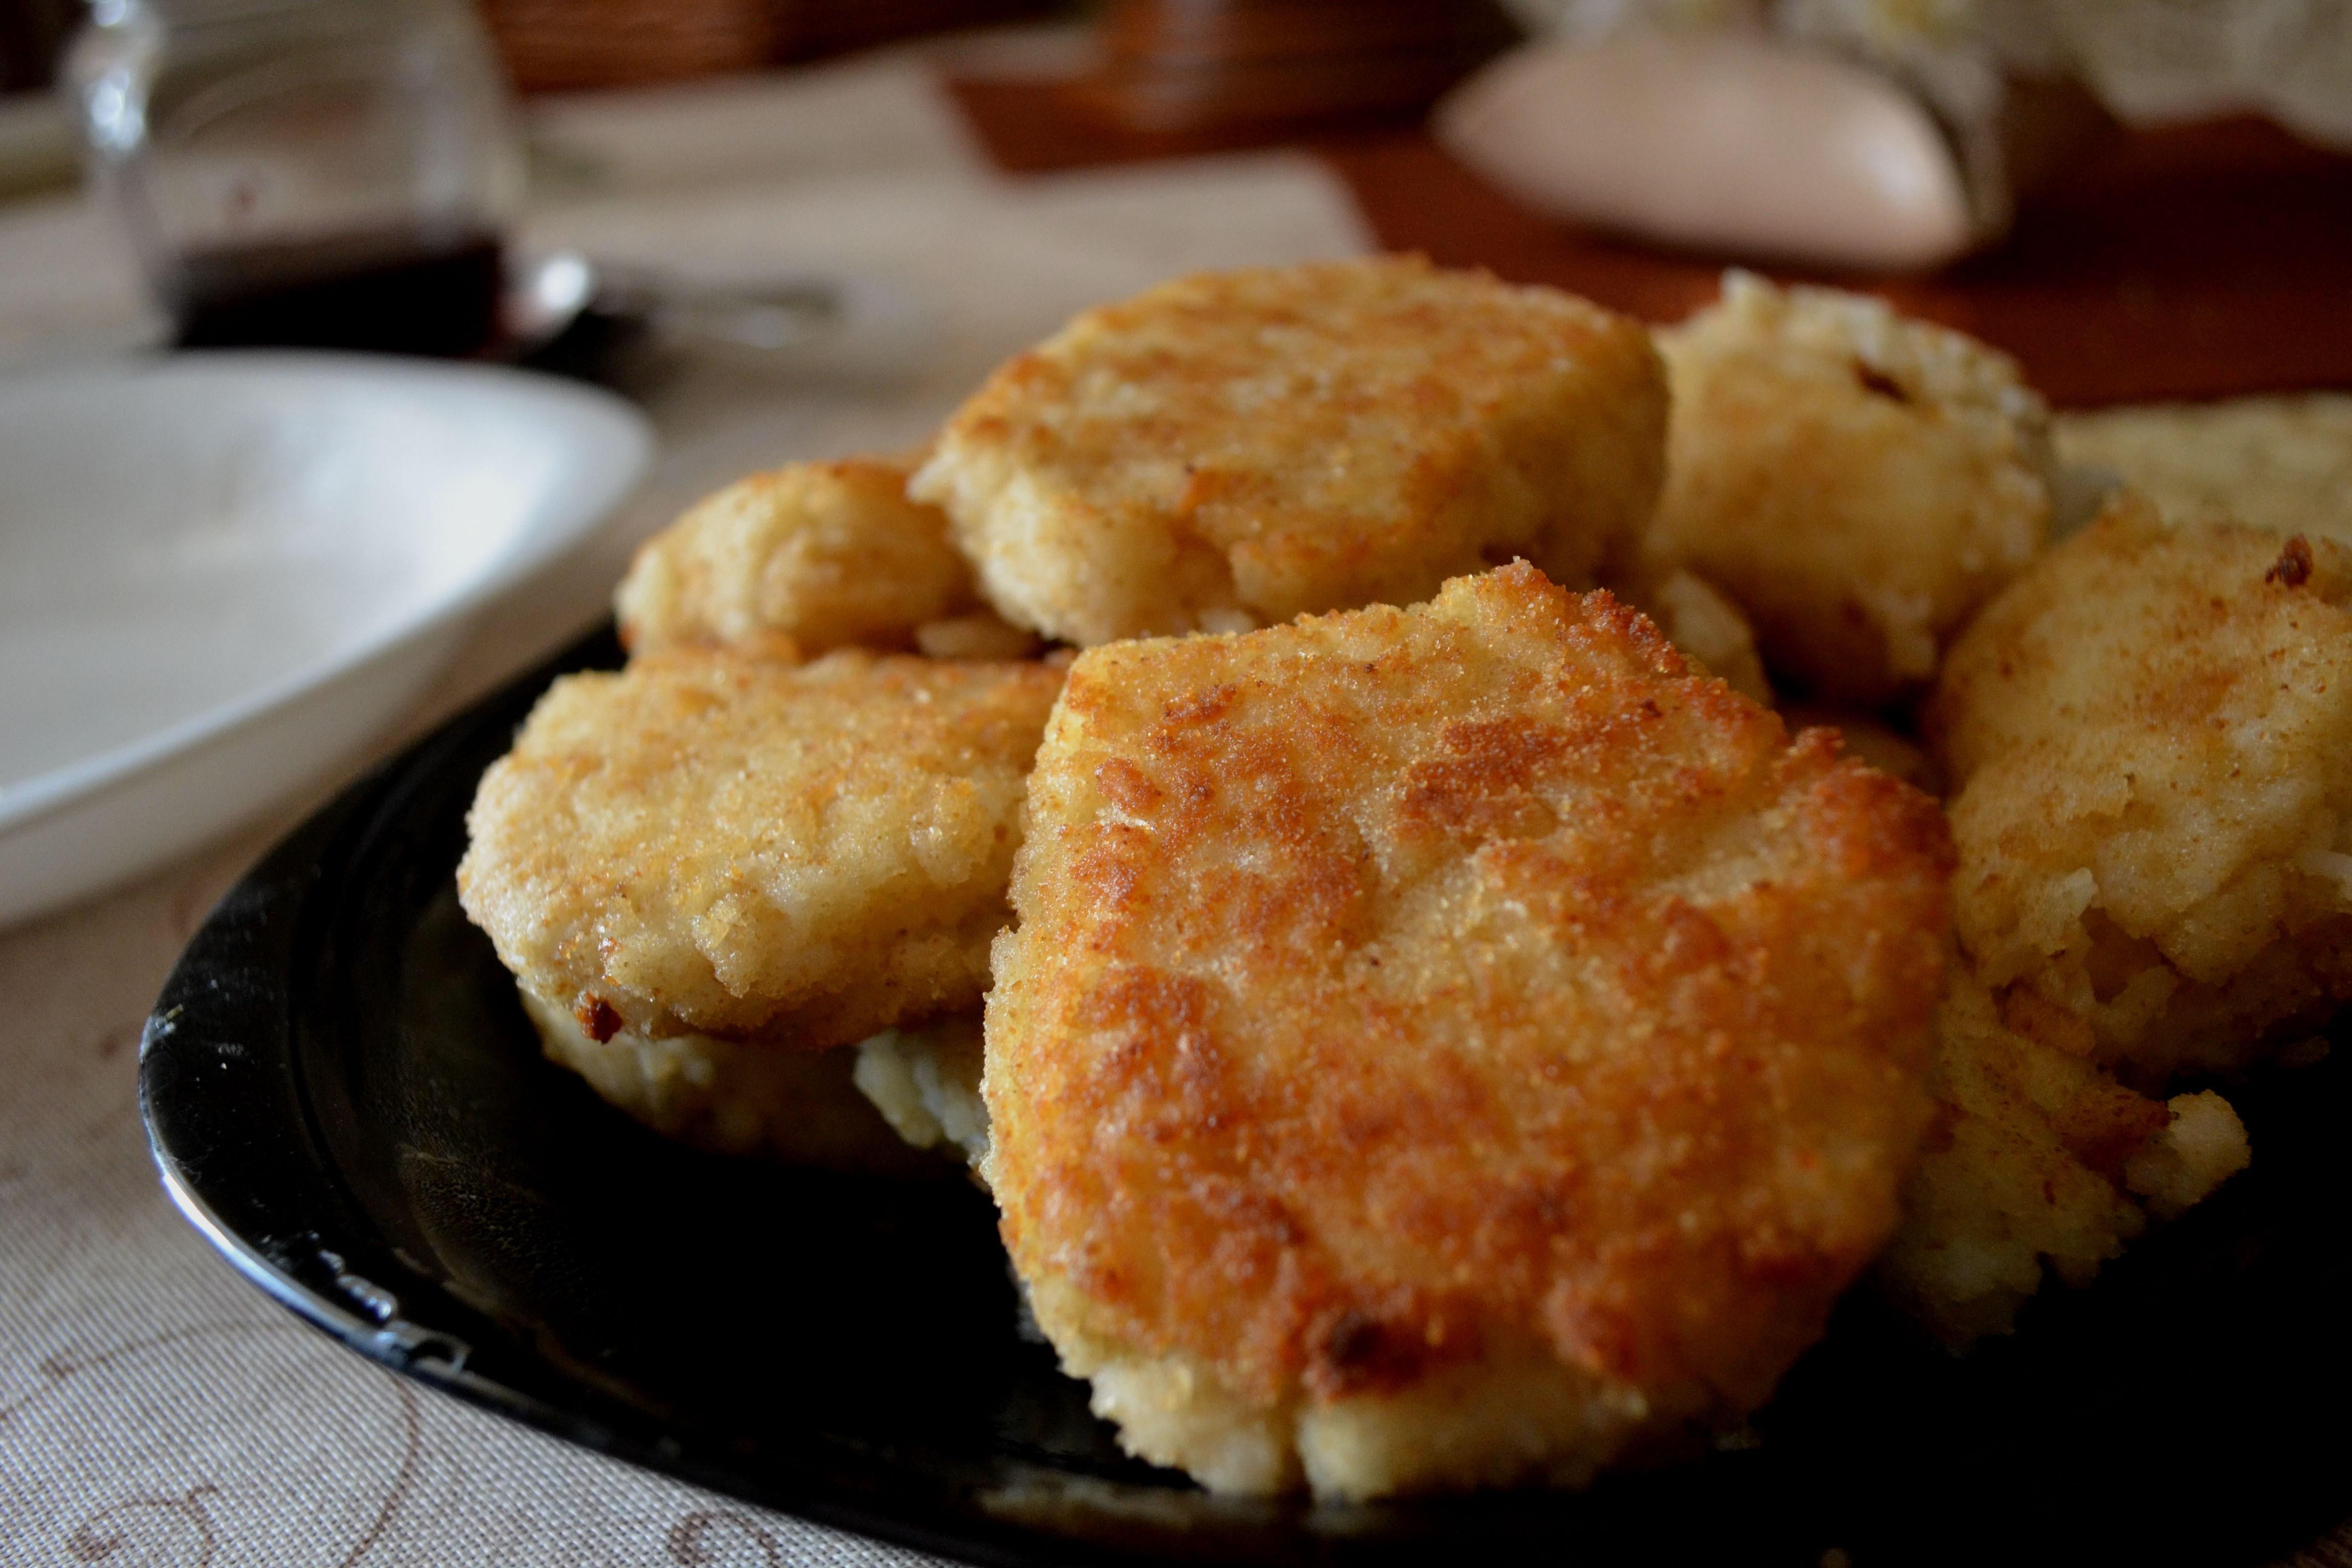 домашние котлеты с картошкой рецепт с фото пошагово